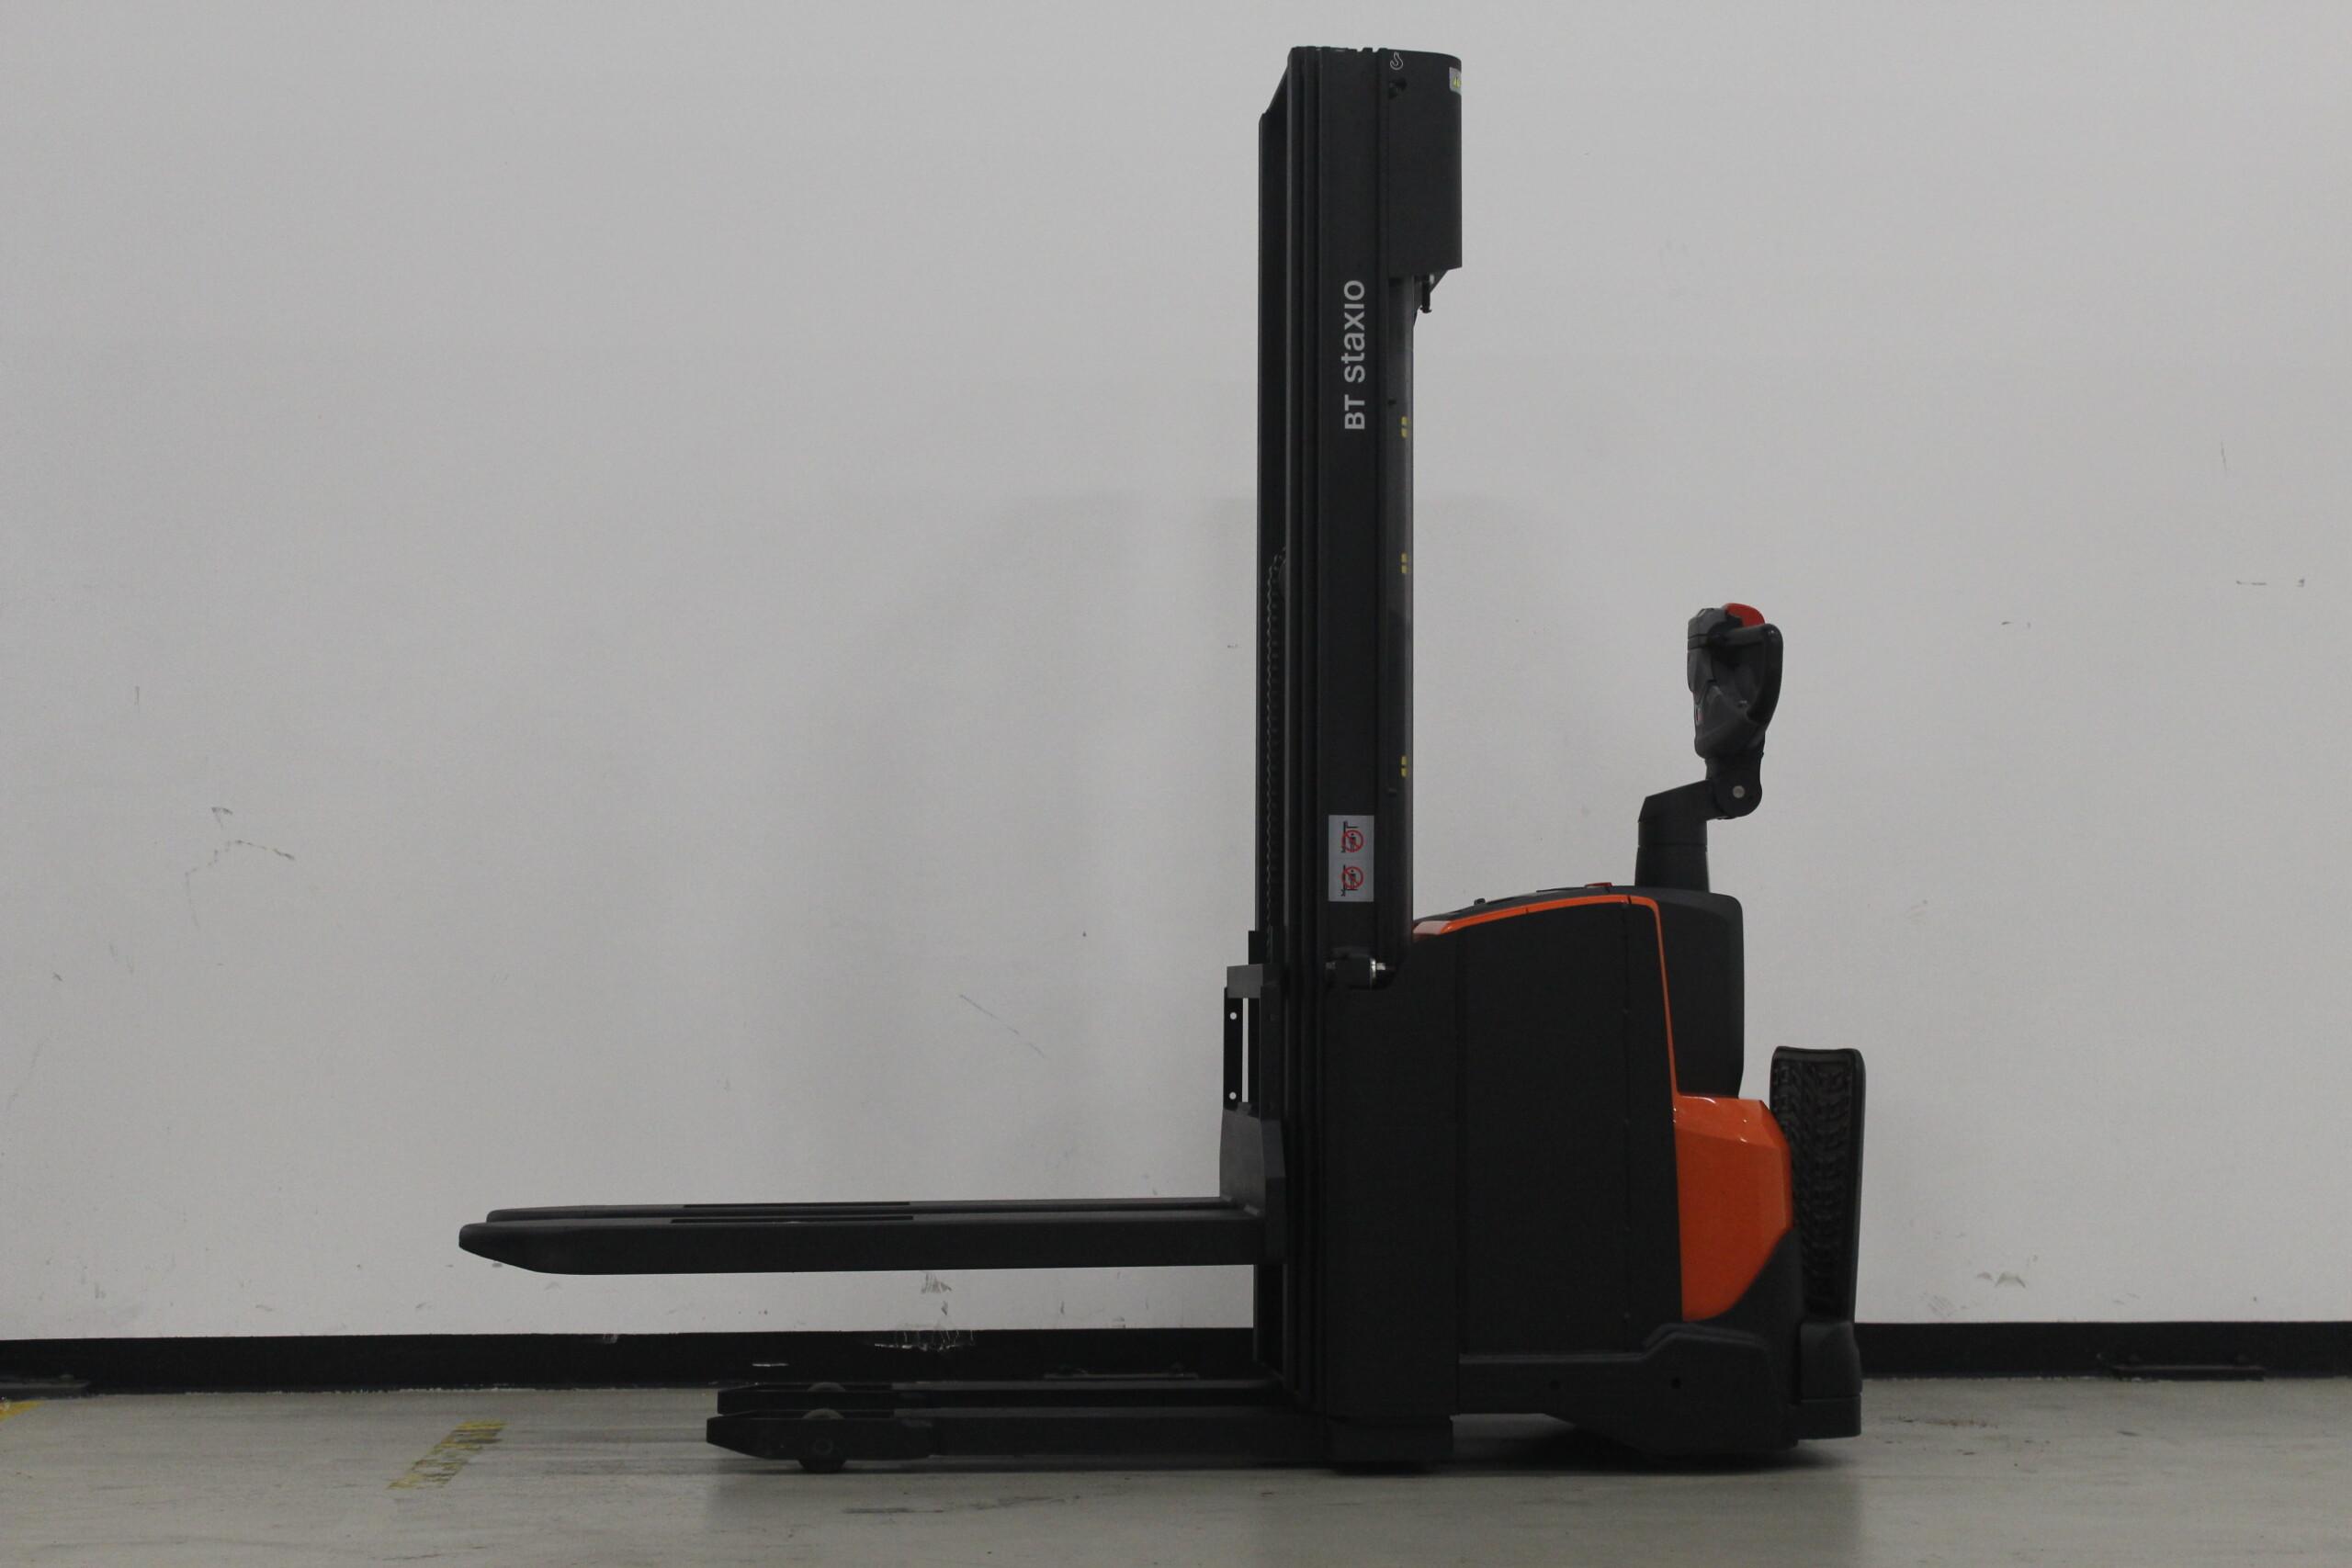 Toyota-Gabelstapler-59840 1806294000 1 25 scaled